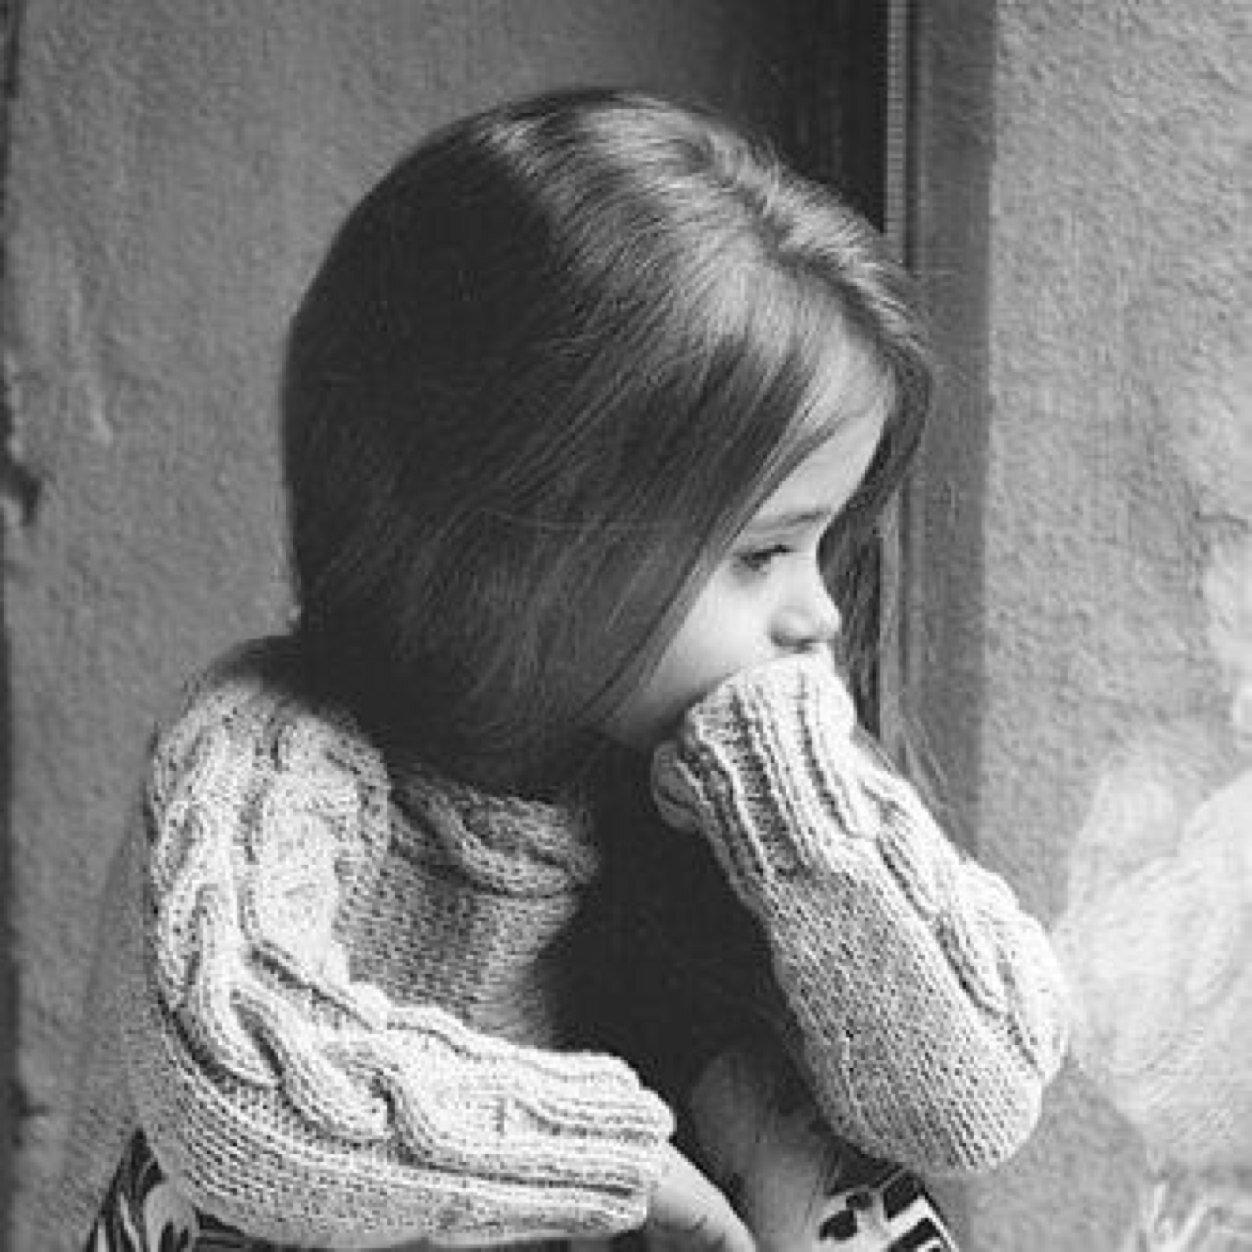 طفلة حزينة وحيدة